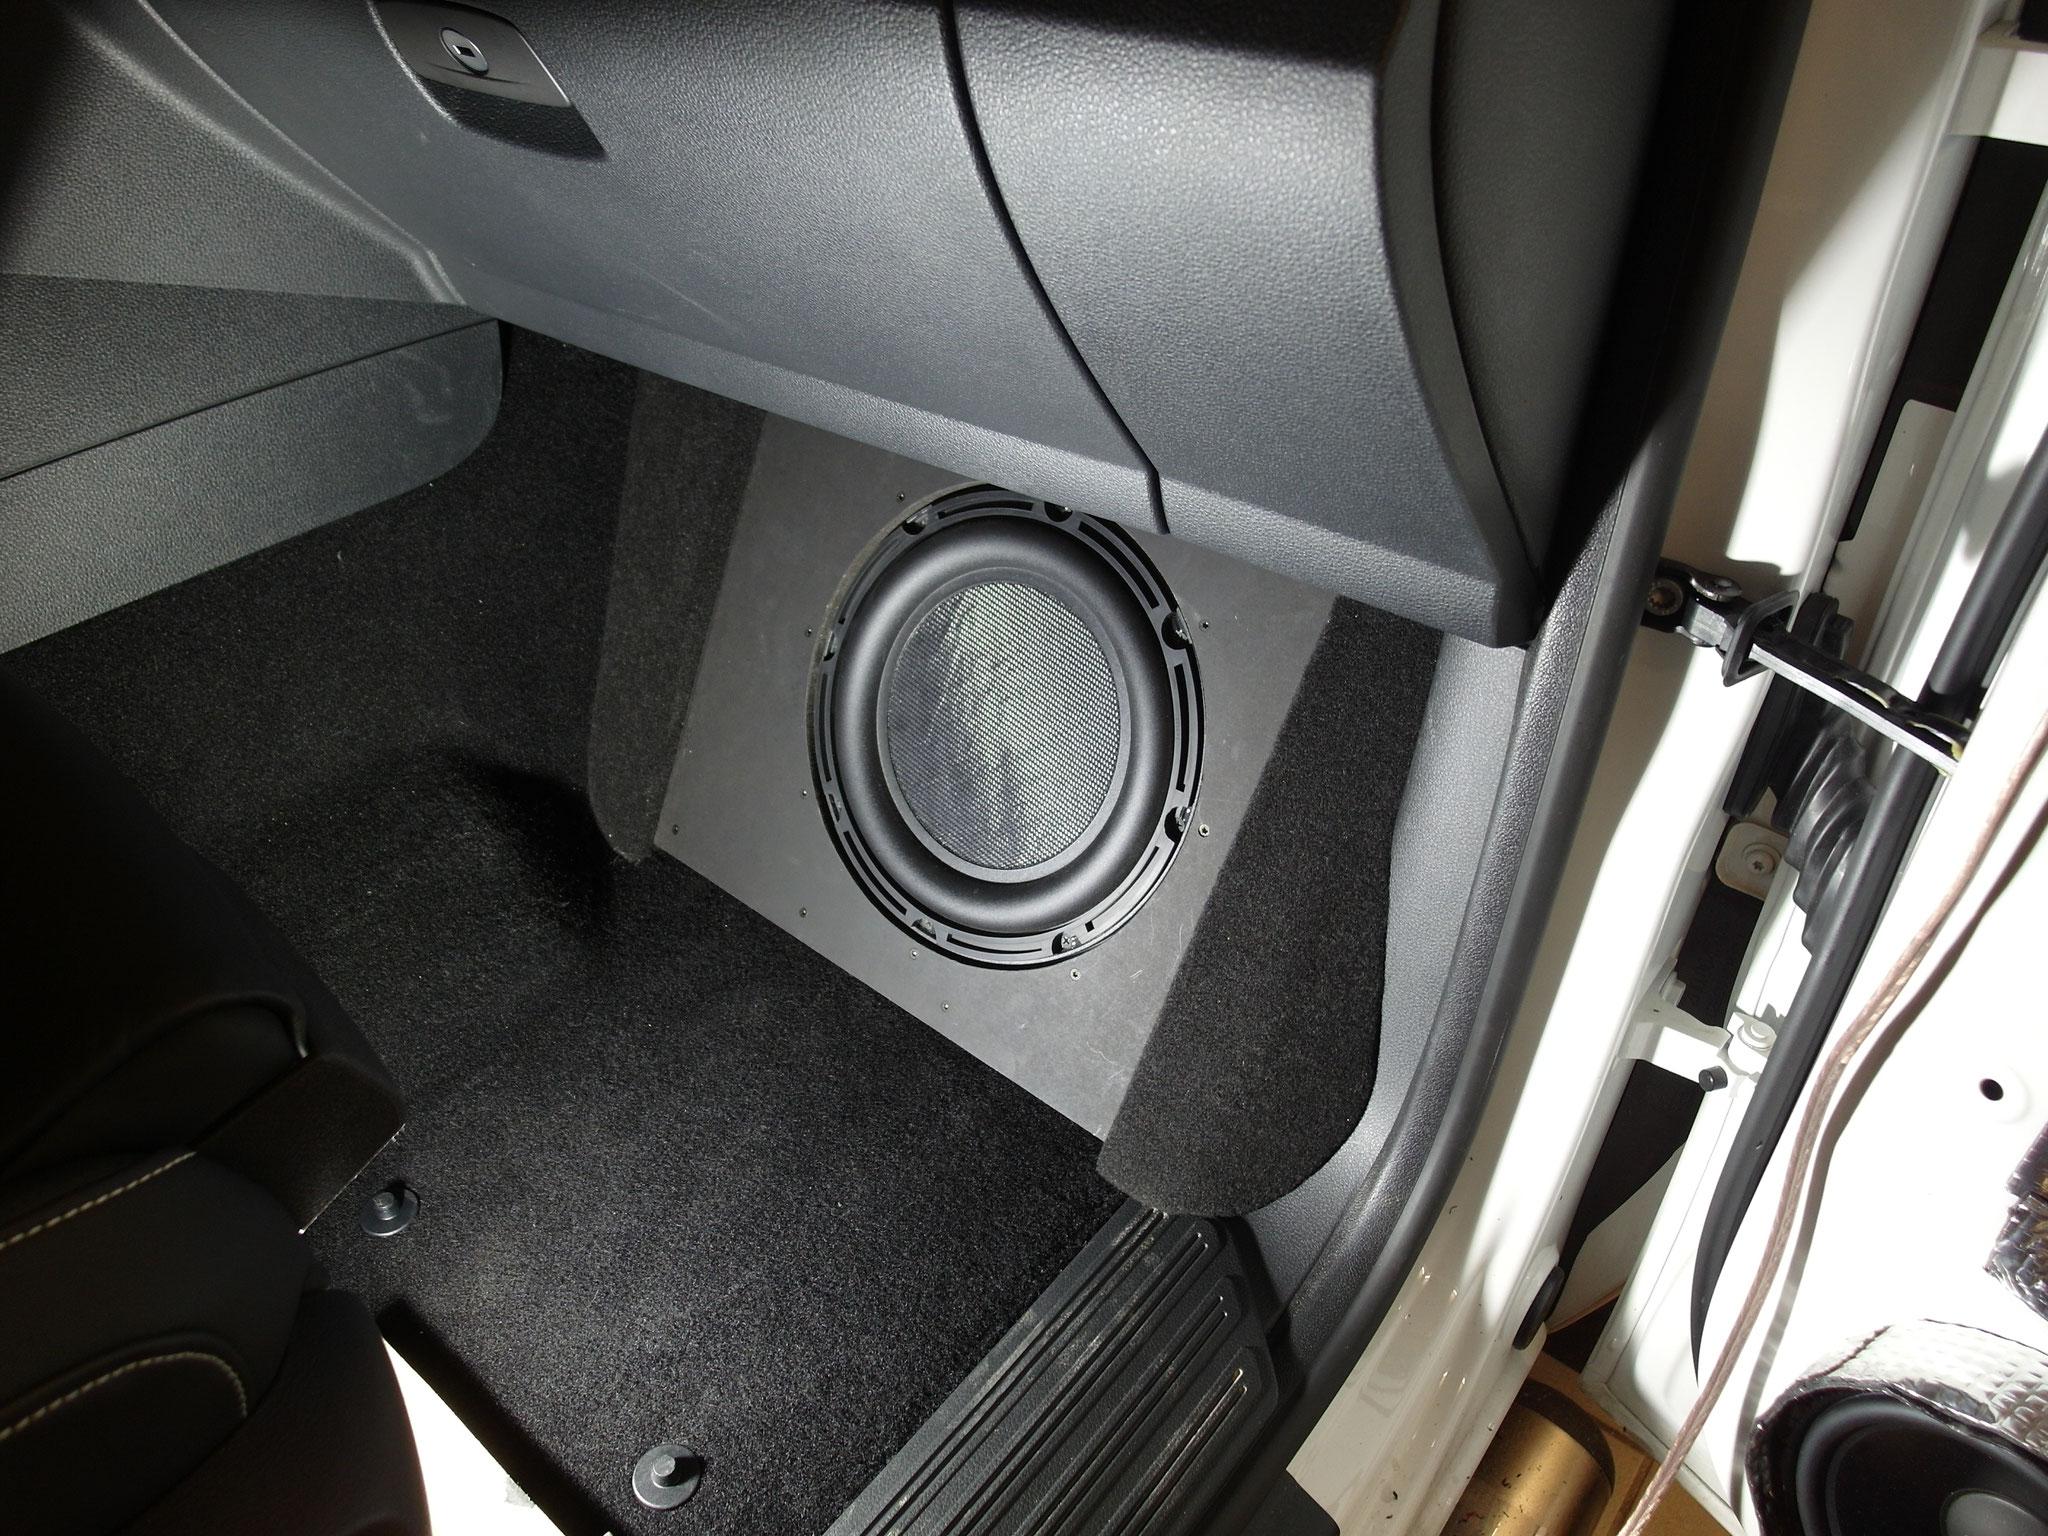 VW Amarok - 25er im Beifahrerfußraum ohne Schutzgitter